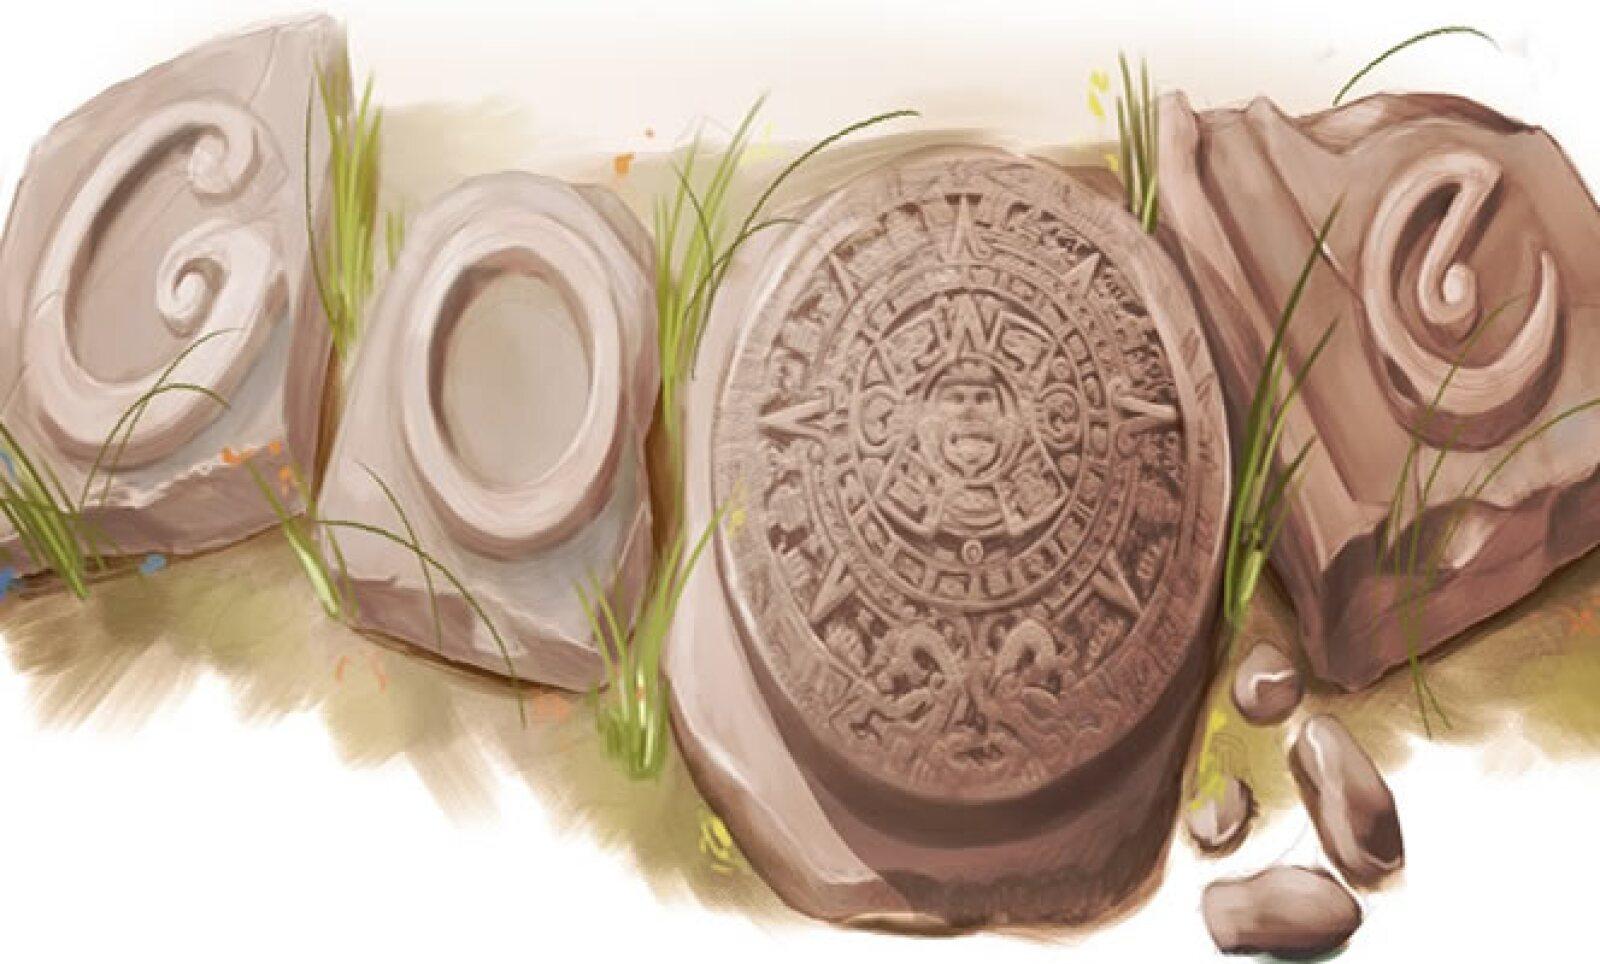 El 17 de diciembre de 2009 Google recordó el día del descubrimiento del disco monolítico prehispánico en la Ciudad de México.